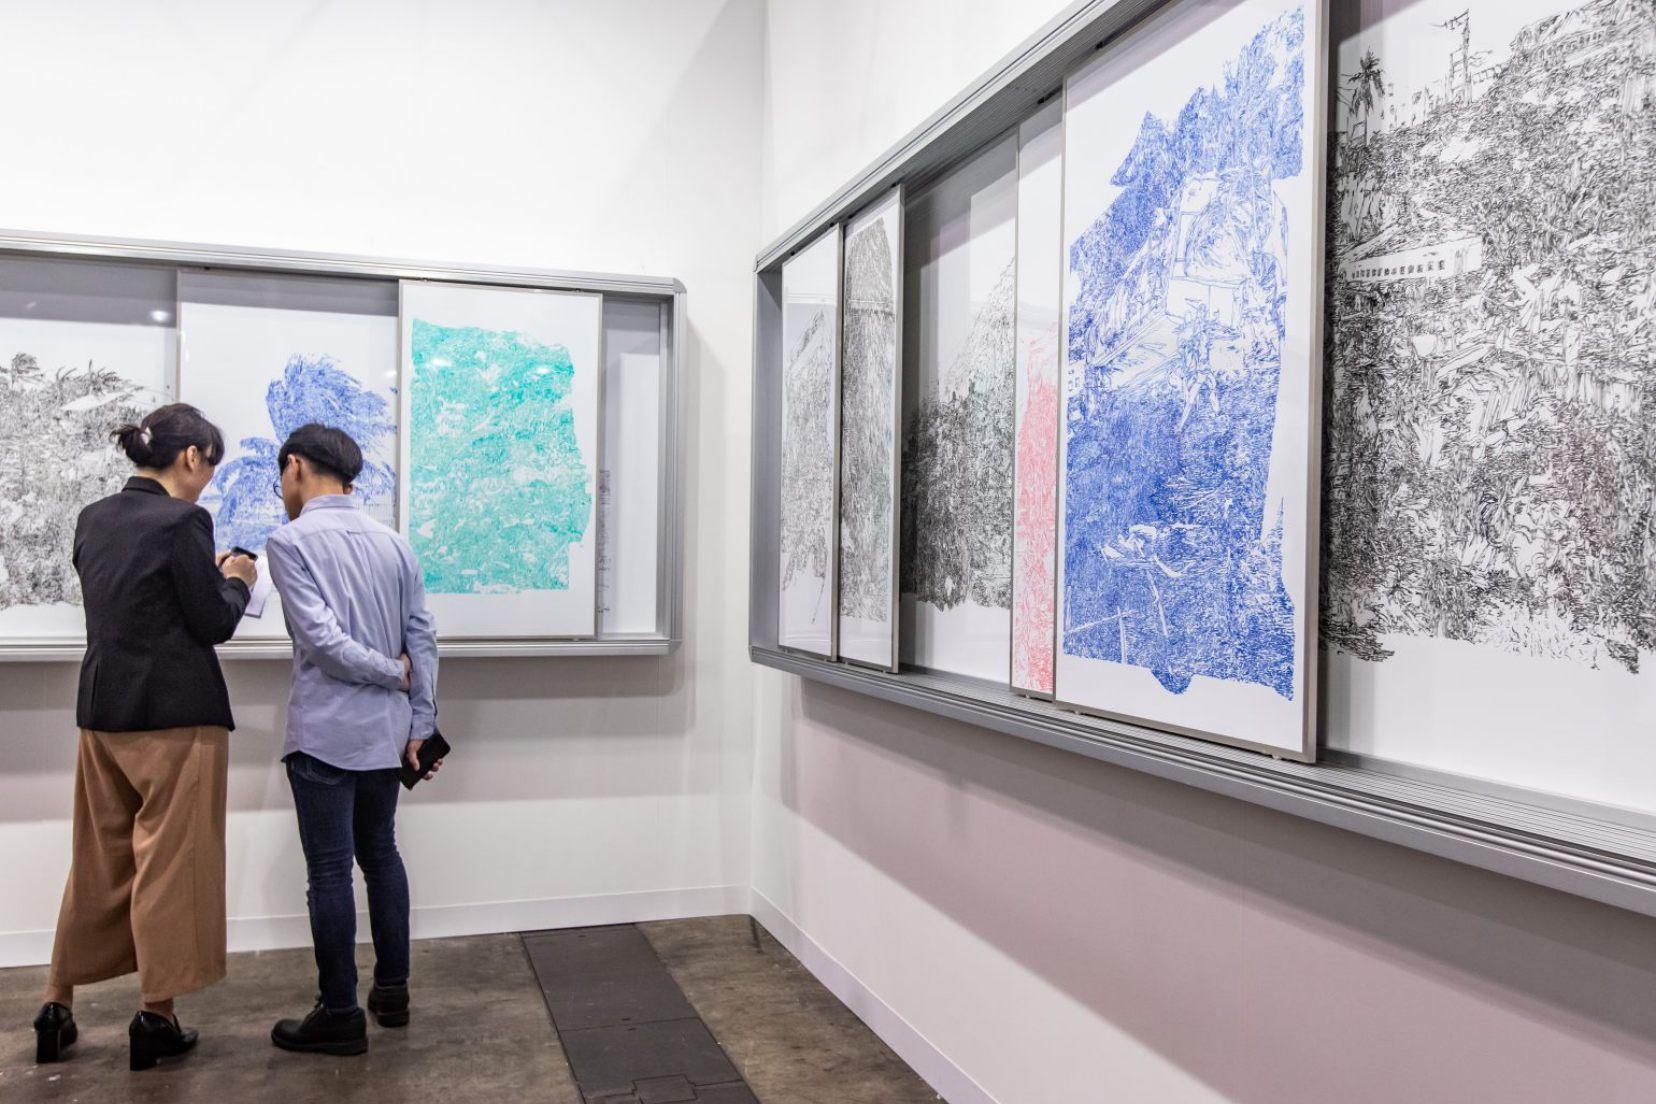 10 highlight works you have to see at Art Basel Hong Kong 2019